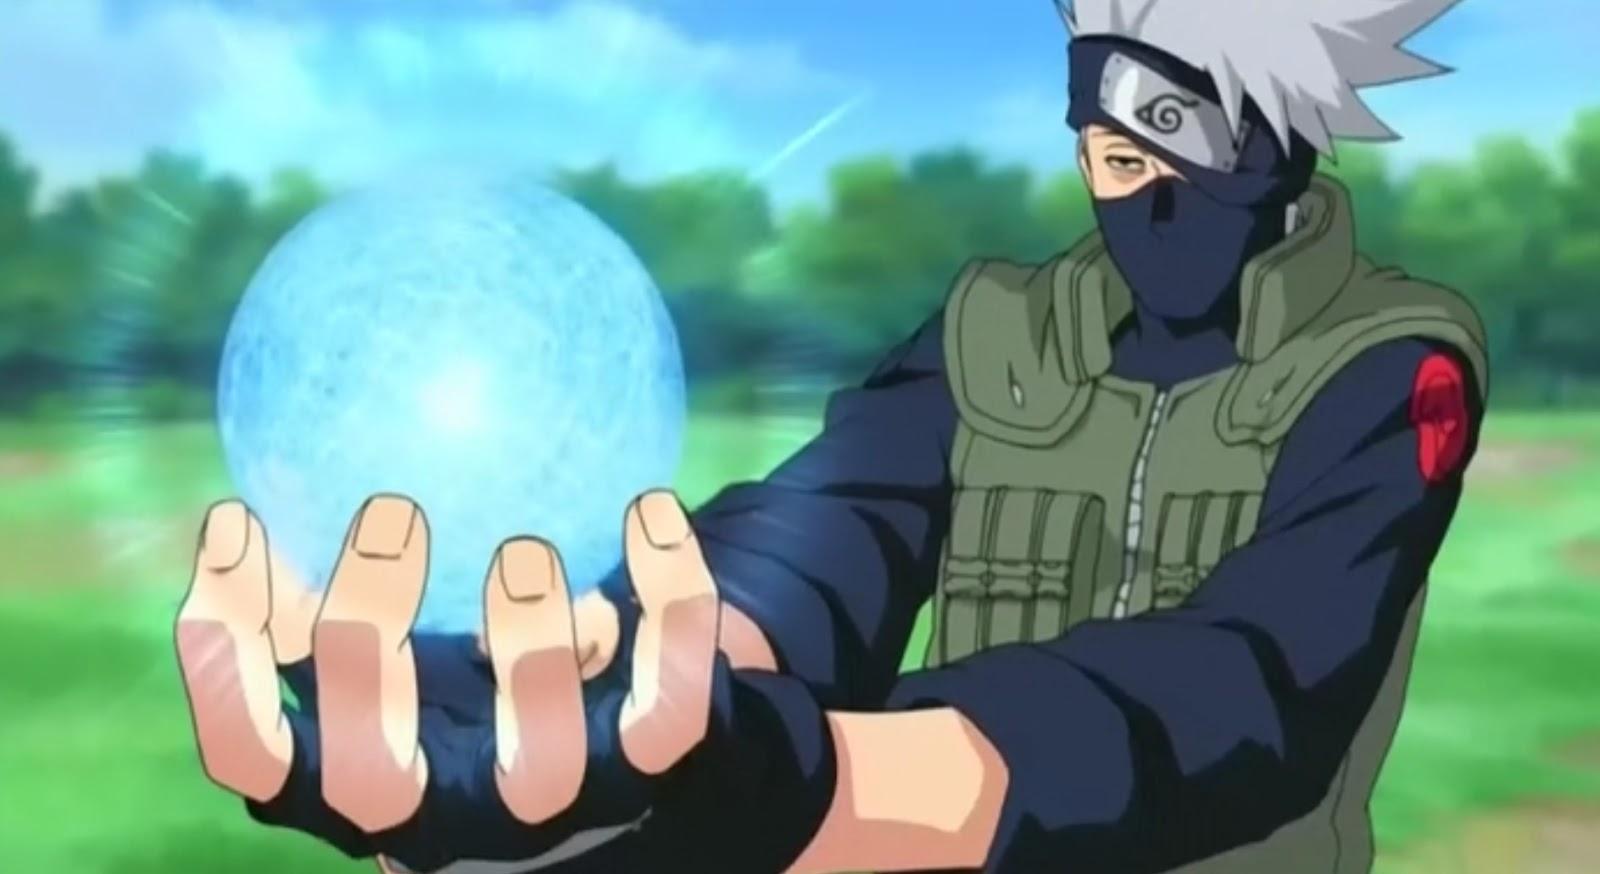 Naruto Shippuden Episódio 75, Assistir Naruto Shippuden Episódio 75, Assistir Naruto Shippuden Todos os Episódios Legendado, Naruto Shippuden episódio 75,HD